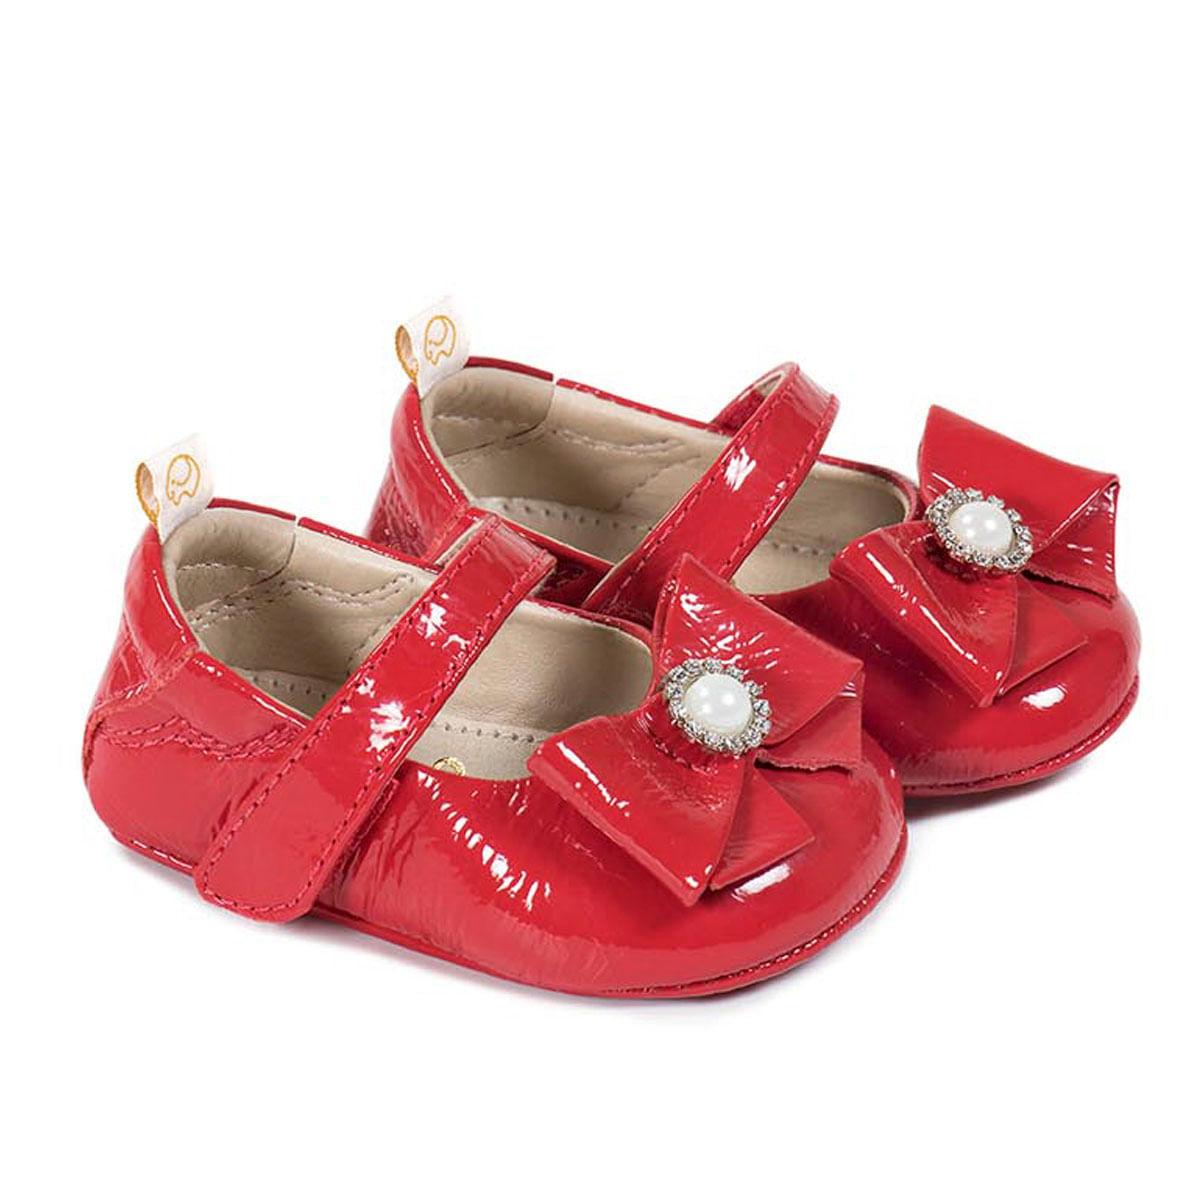 86fa191b088 Sapatilha para bebe em verniz Laço Vermelho Gambo